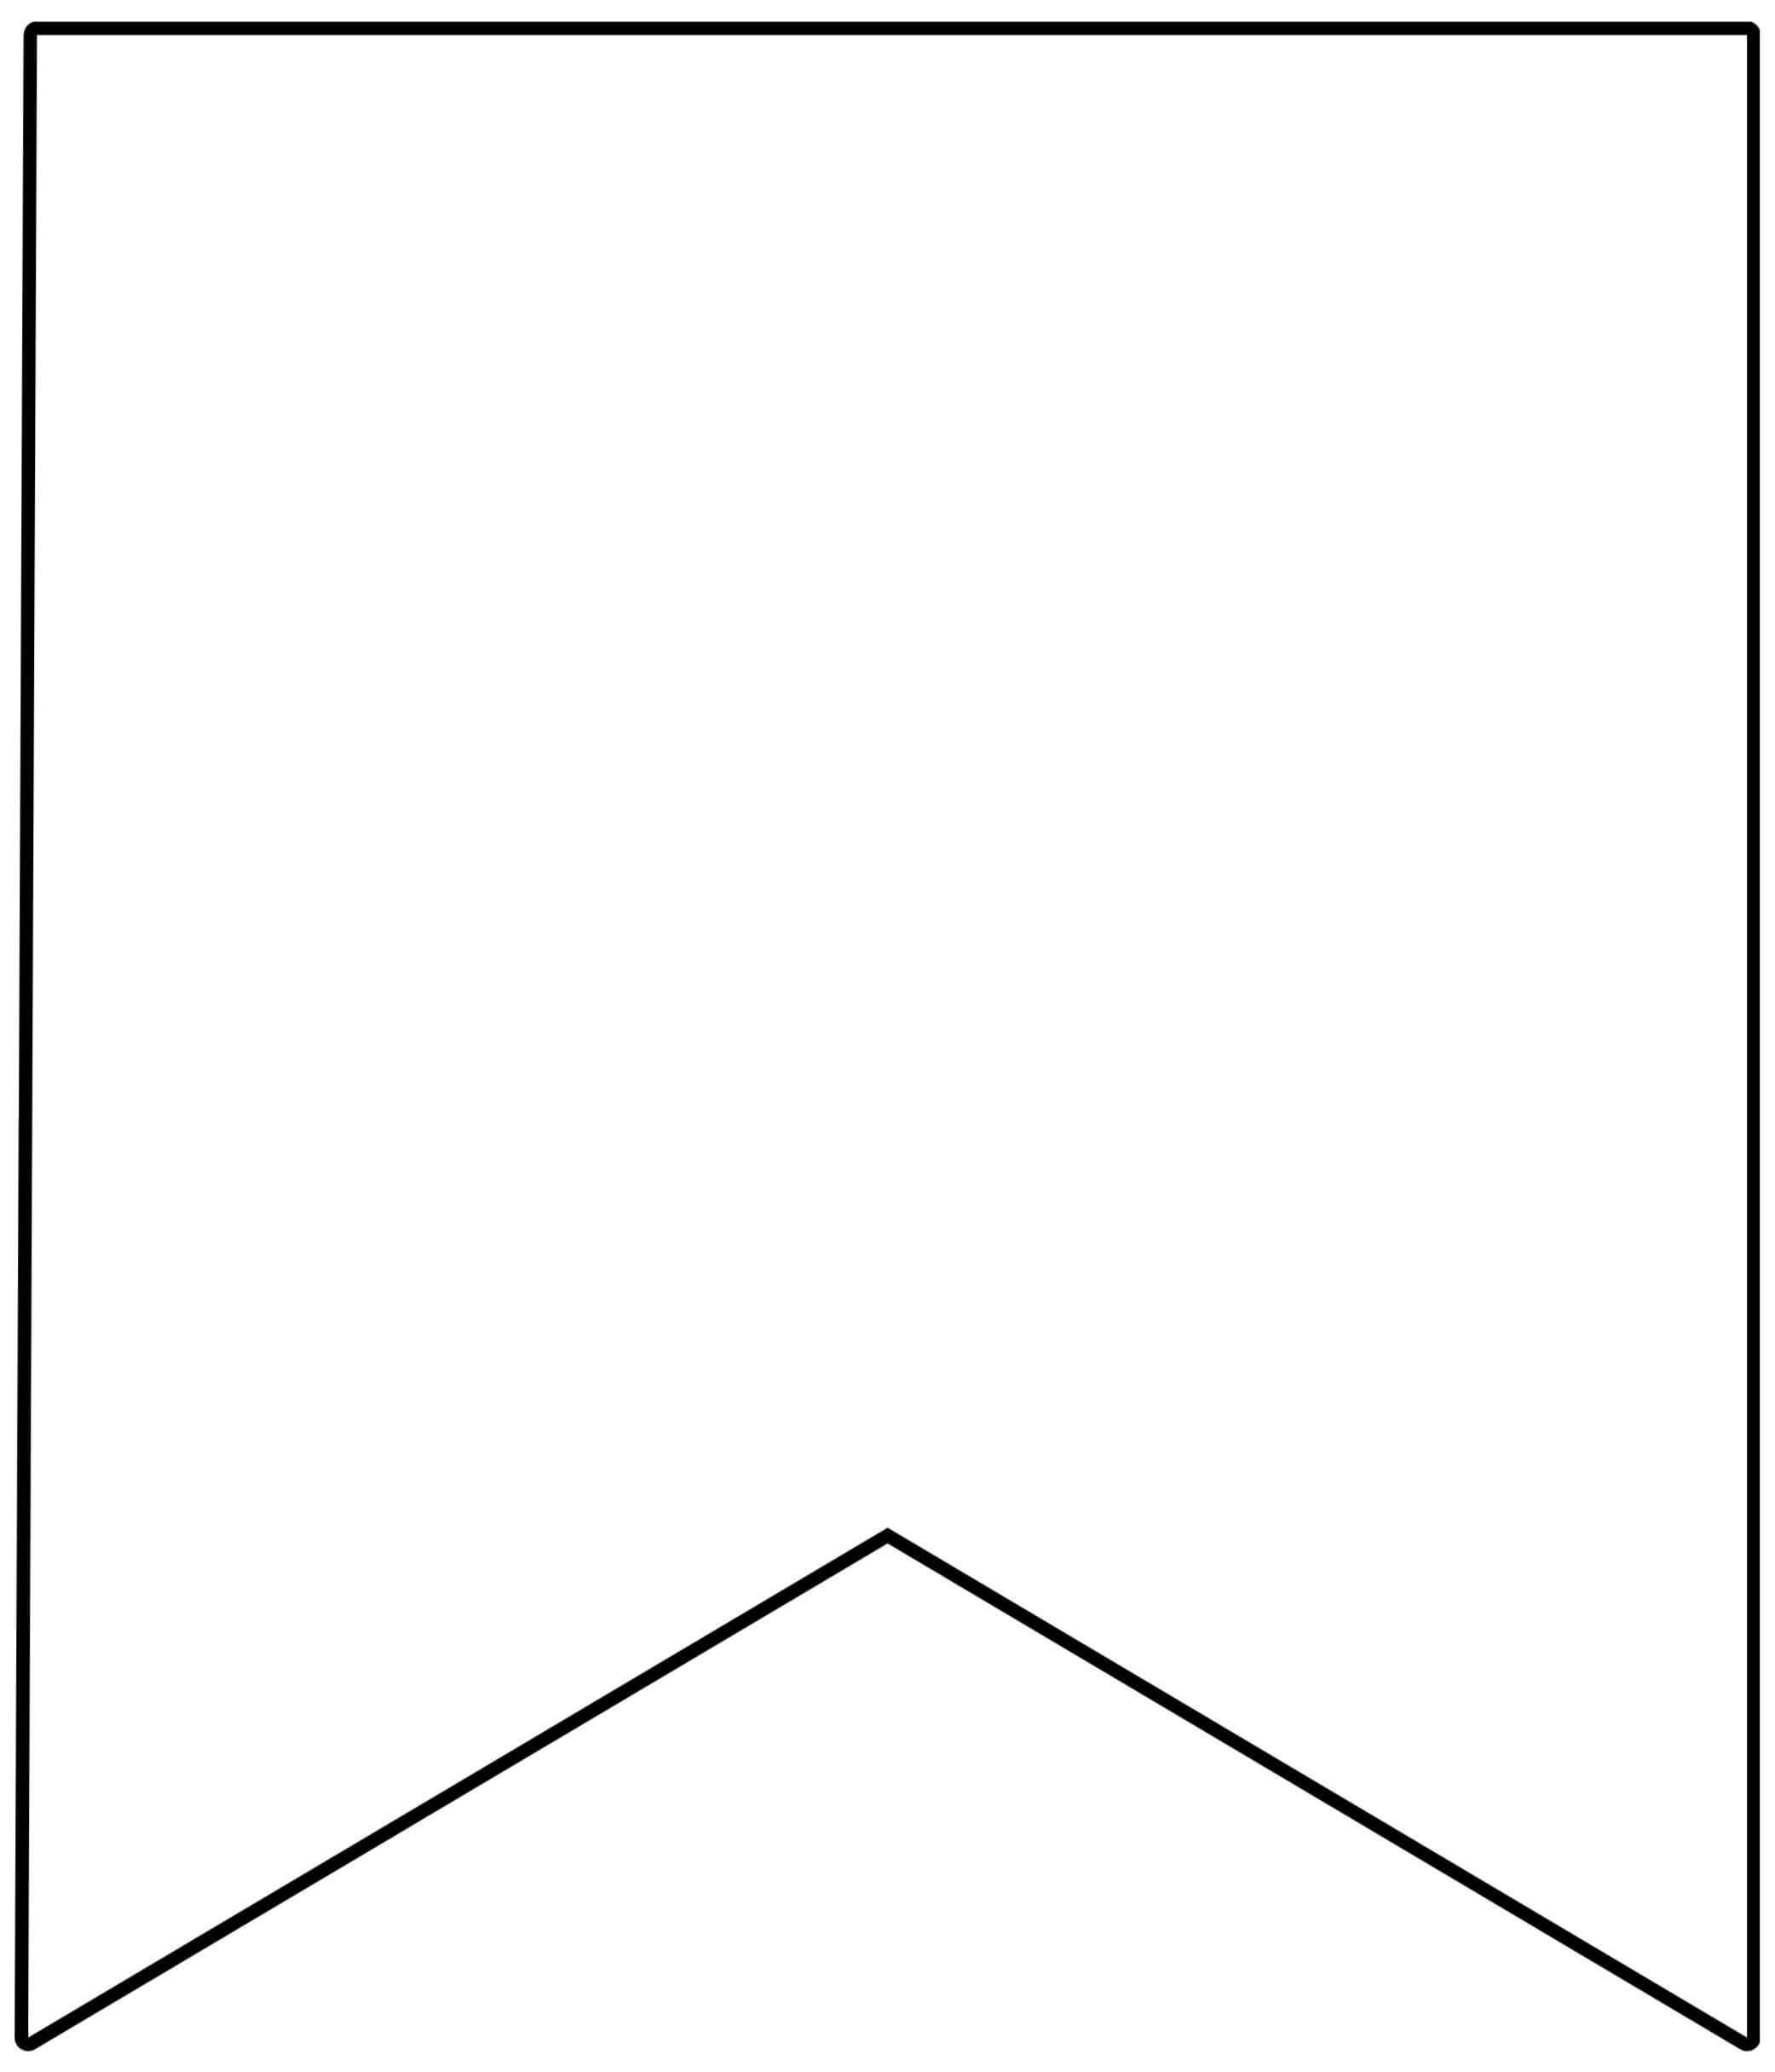 002 Free Printable Banner Template Wondrous Ideas Templates Regarding Free Blank Banner Templates